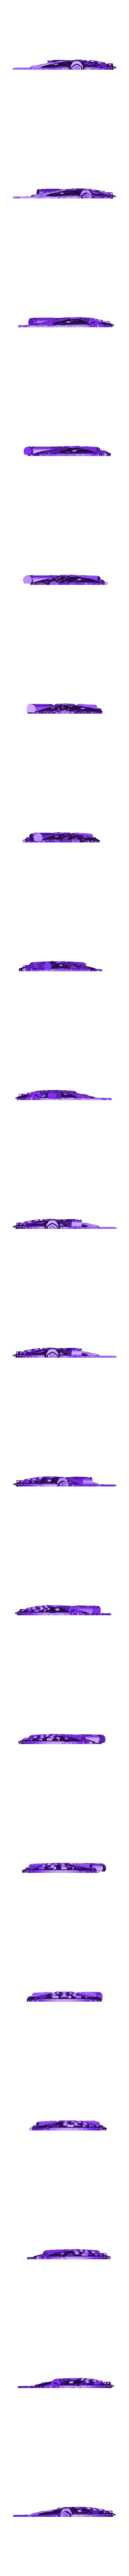 MILLENNIUM-FAUCON-DESSUS.STL Télécharger fichier STL FAUCON MILLENNIUM • Design imprimable en 3D, PLP